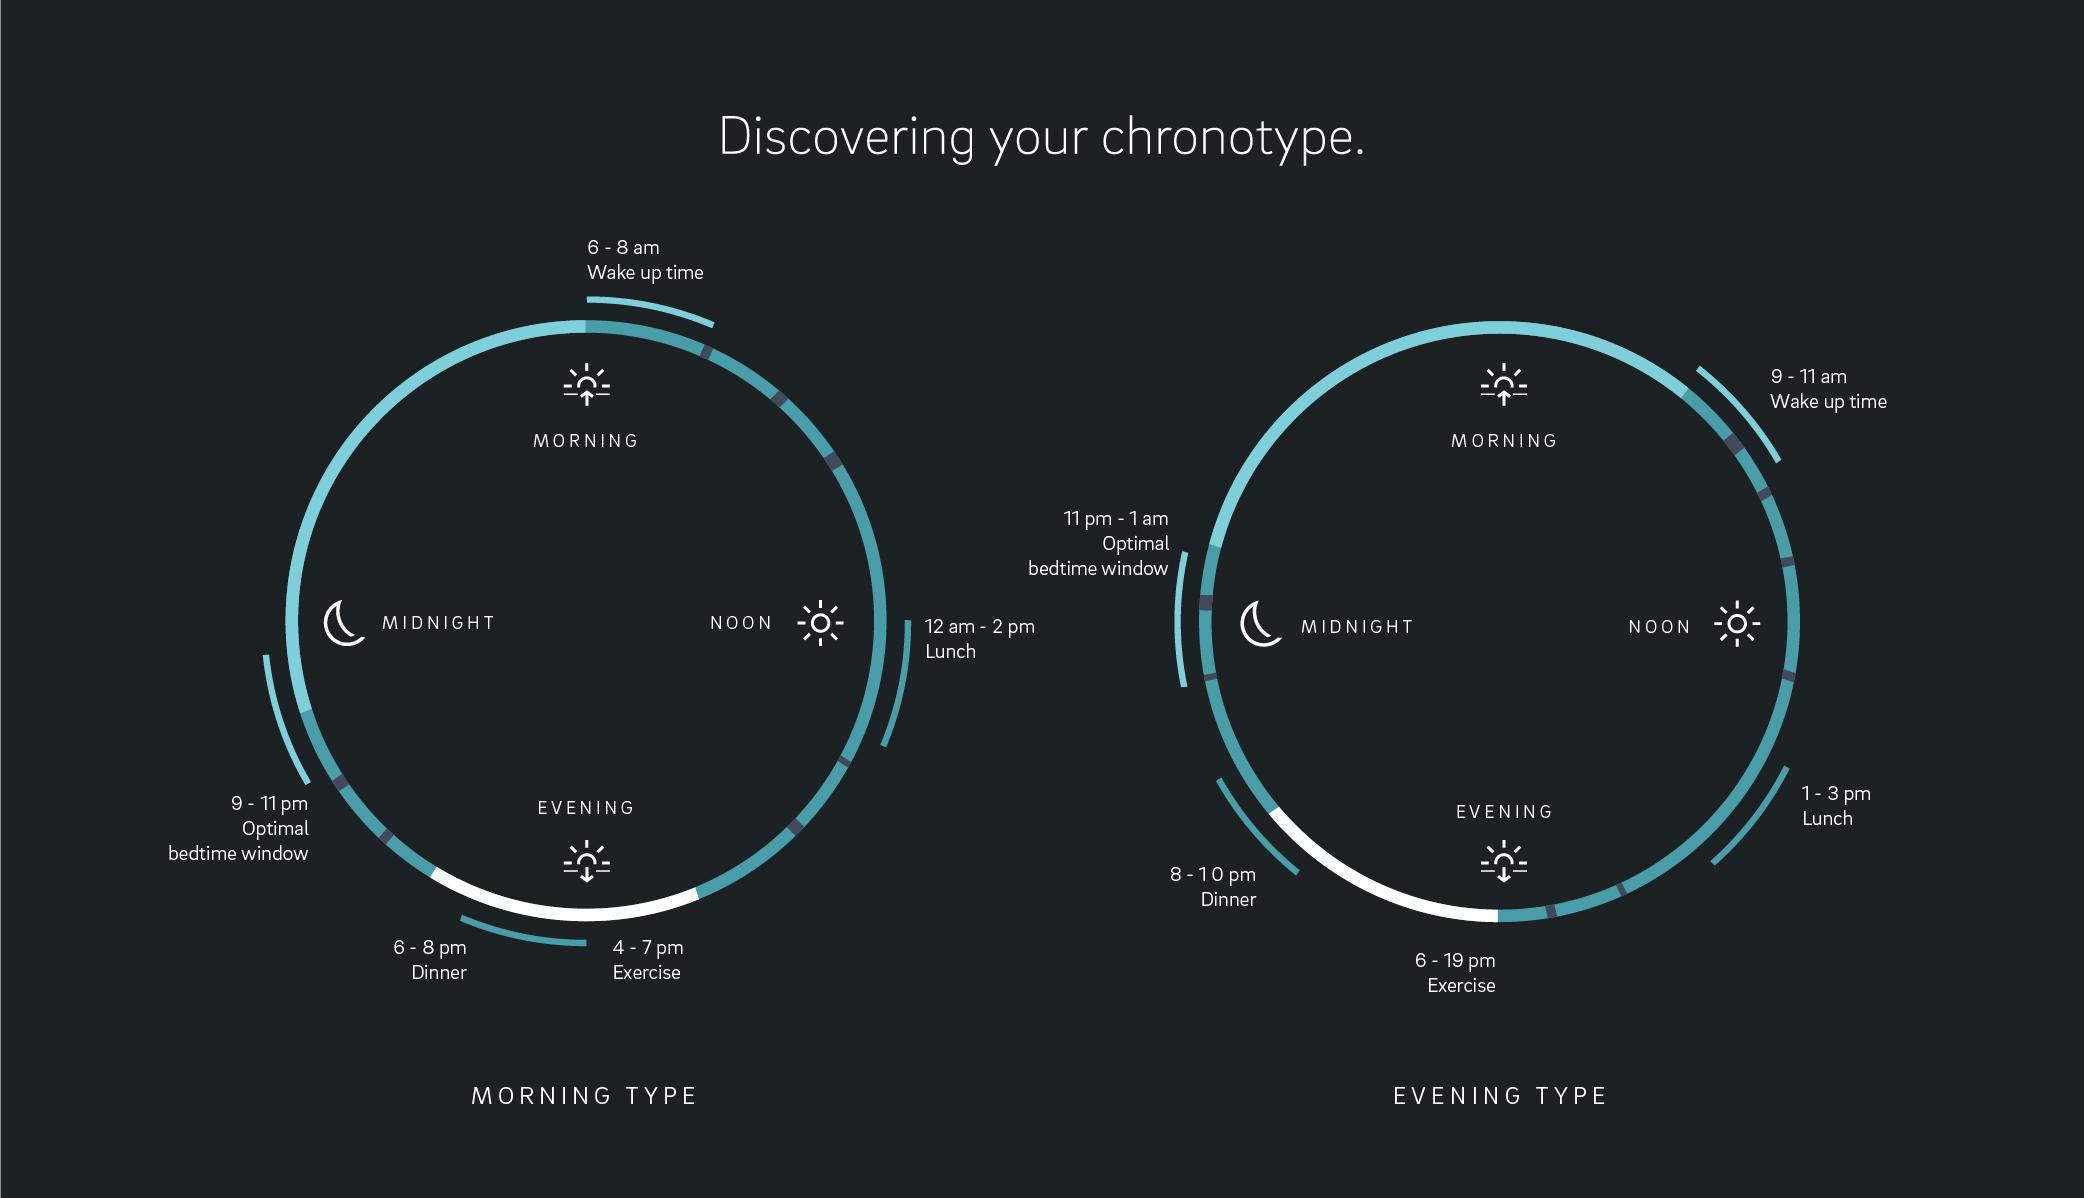 Chronotypes